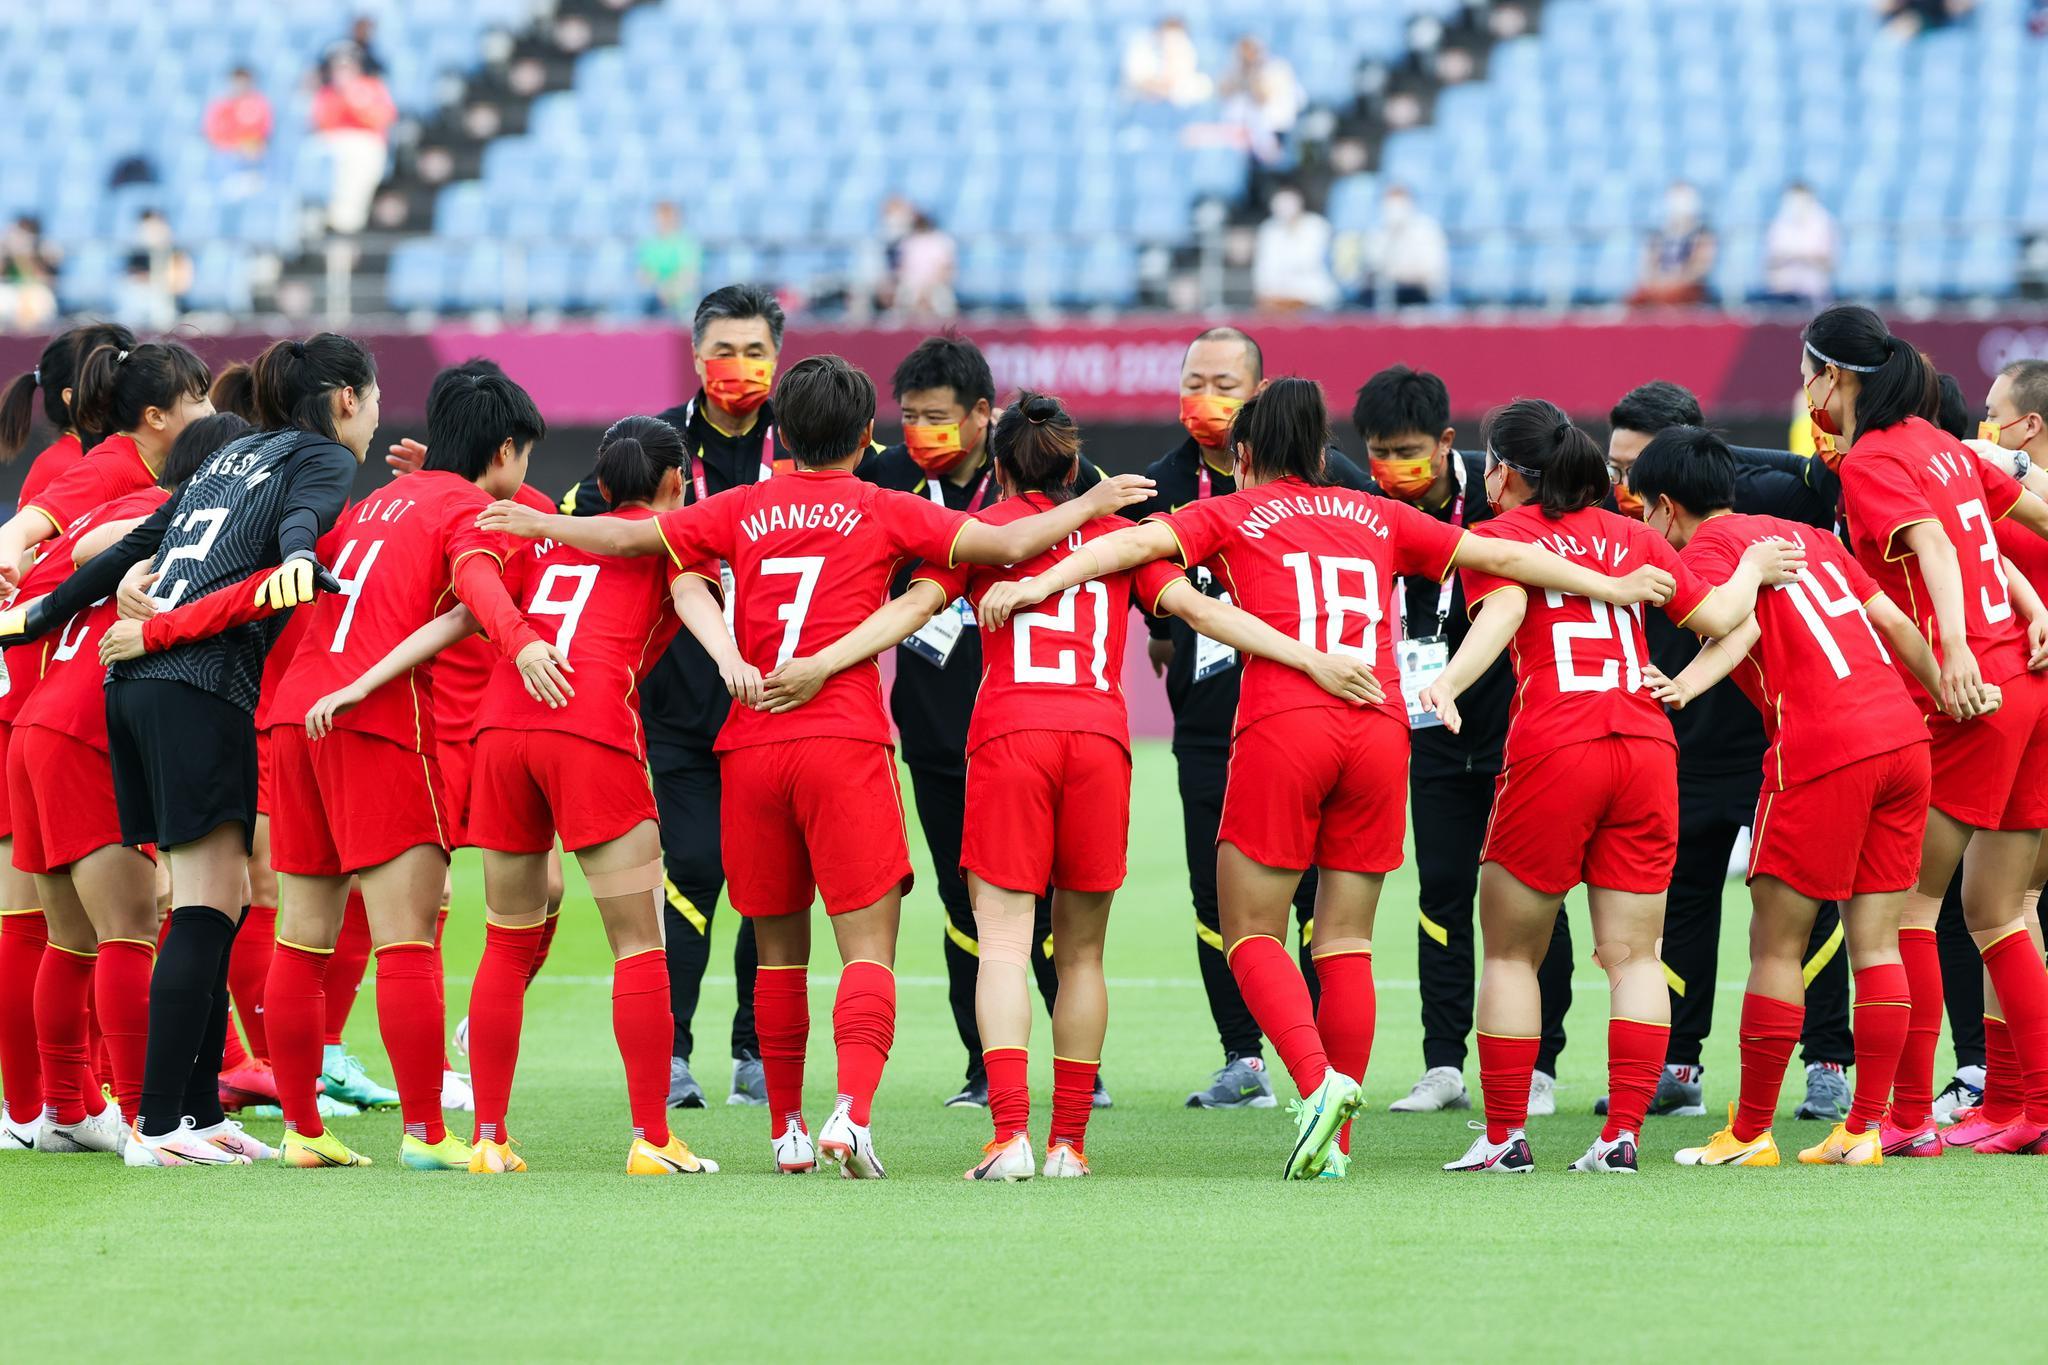 姑娘们抬起头!中国女足四中门柱 打赞比亚必须胜